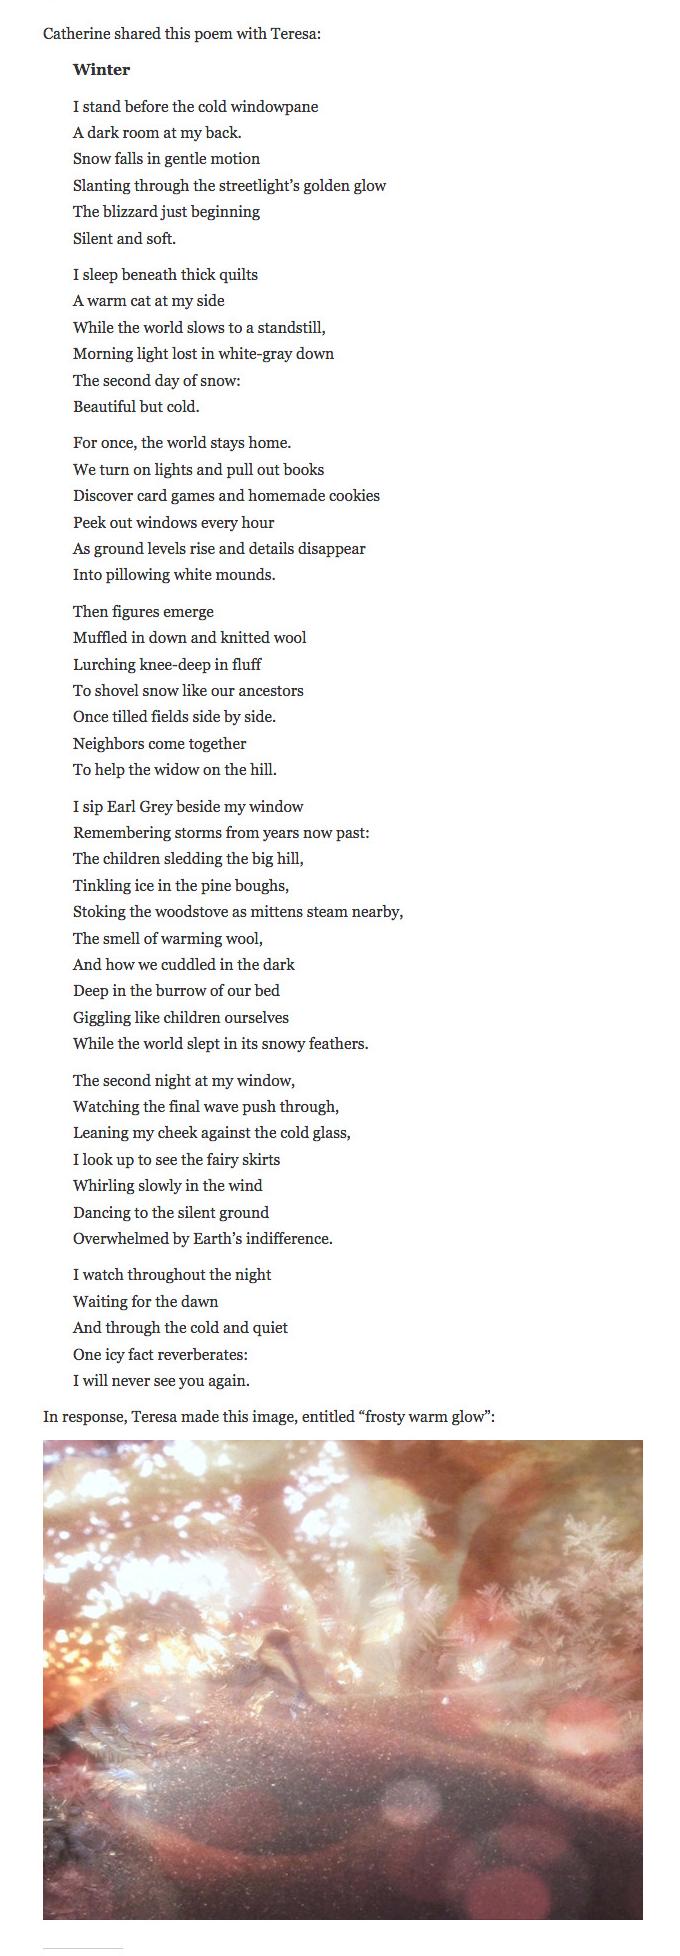 2016 Ekphrastic poem and visual response, Duggan-Maire (screengrab)